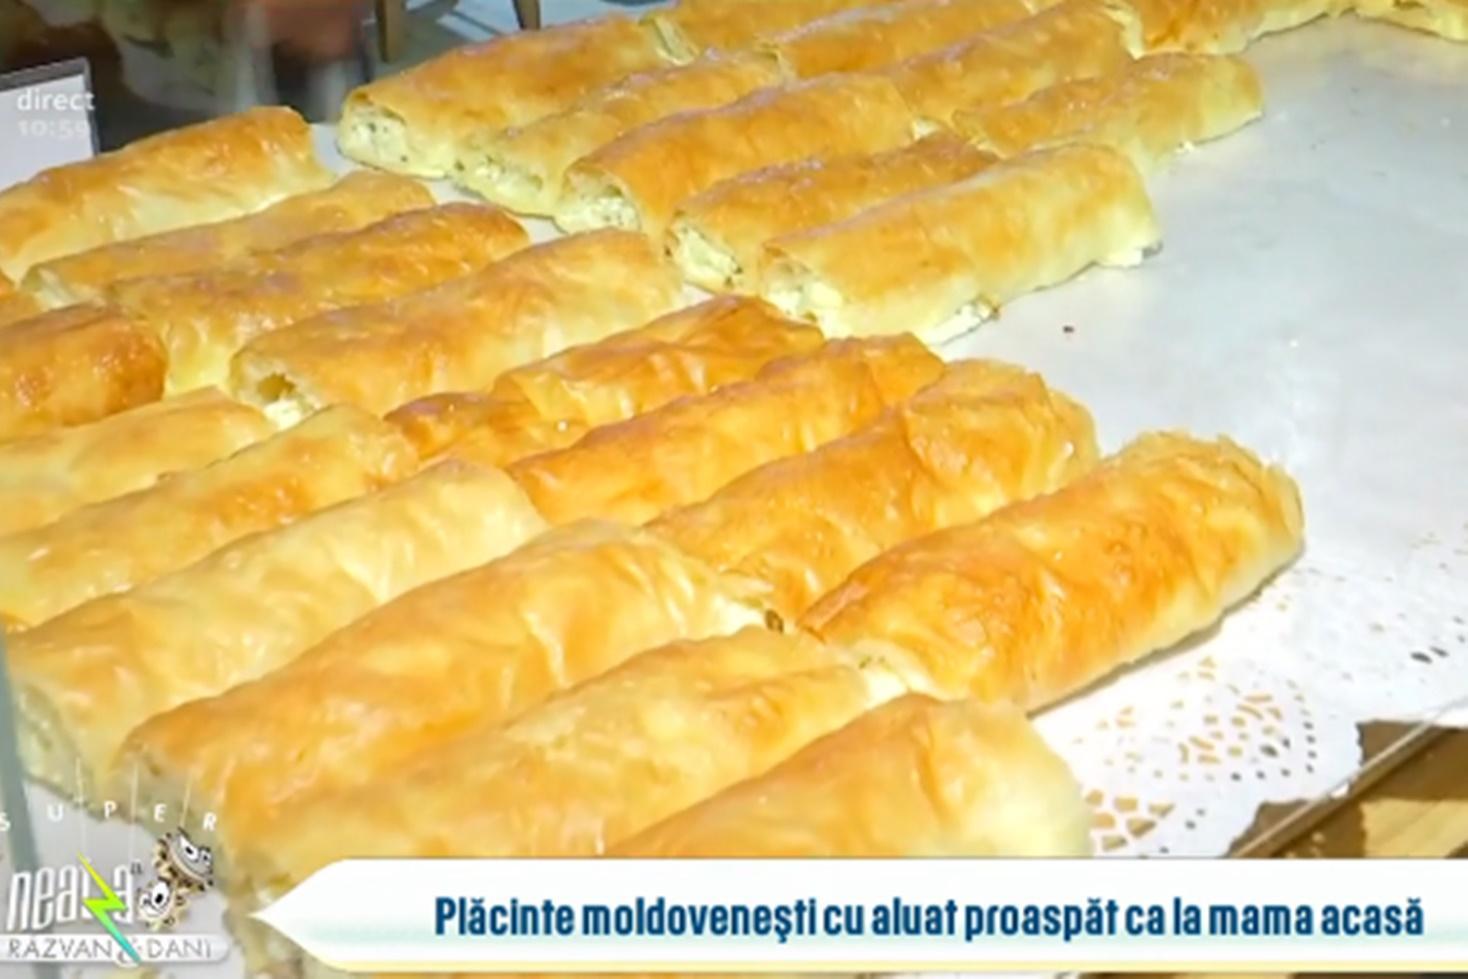 De ce sunt considerate plăcintele moldovenești cele mai delicioase?